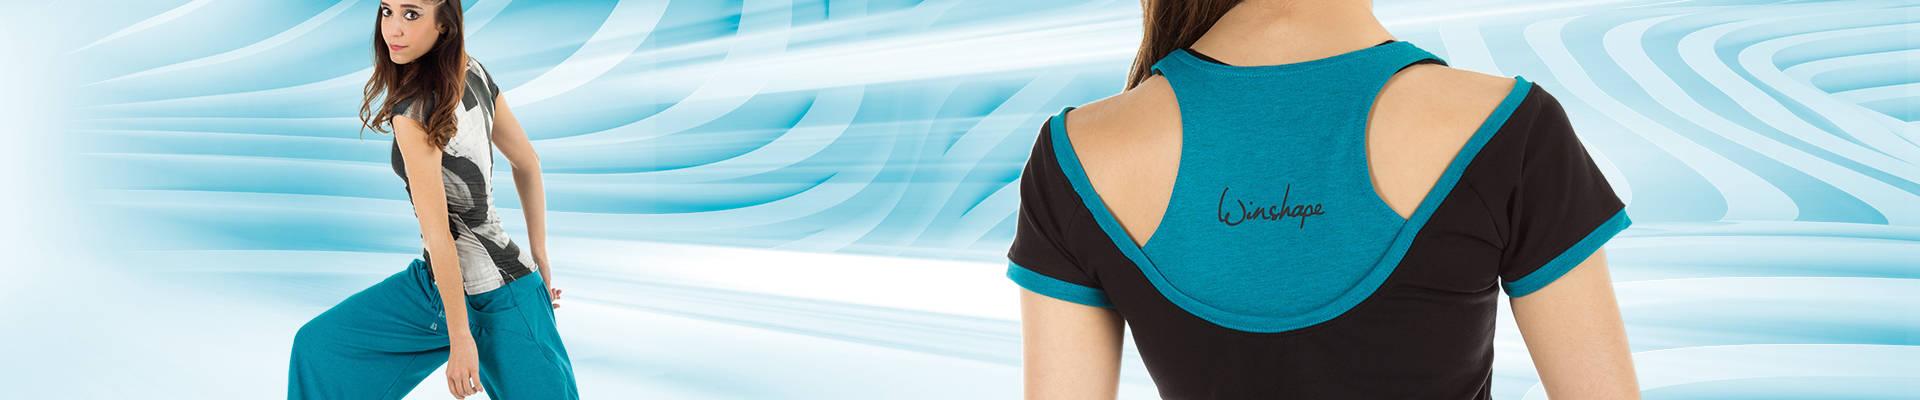 Dancehose WTE3 / Kurzarmshirt WPTR4 / Cut-Out-Shirt WTR5